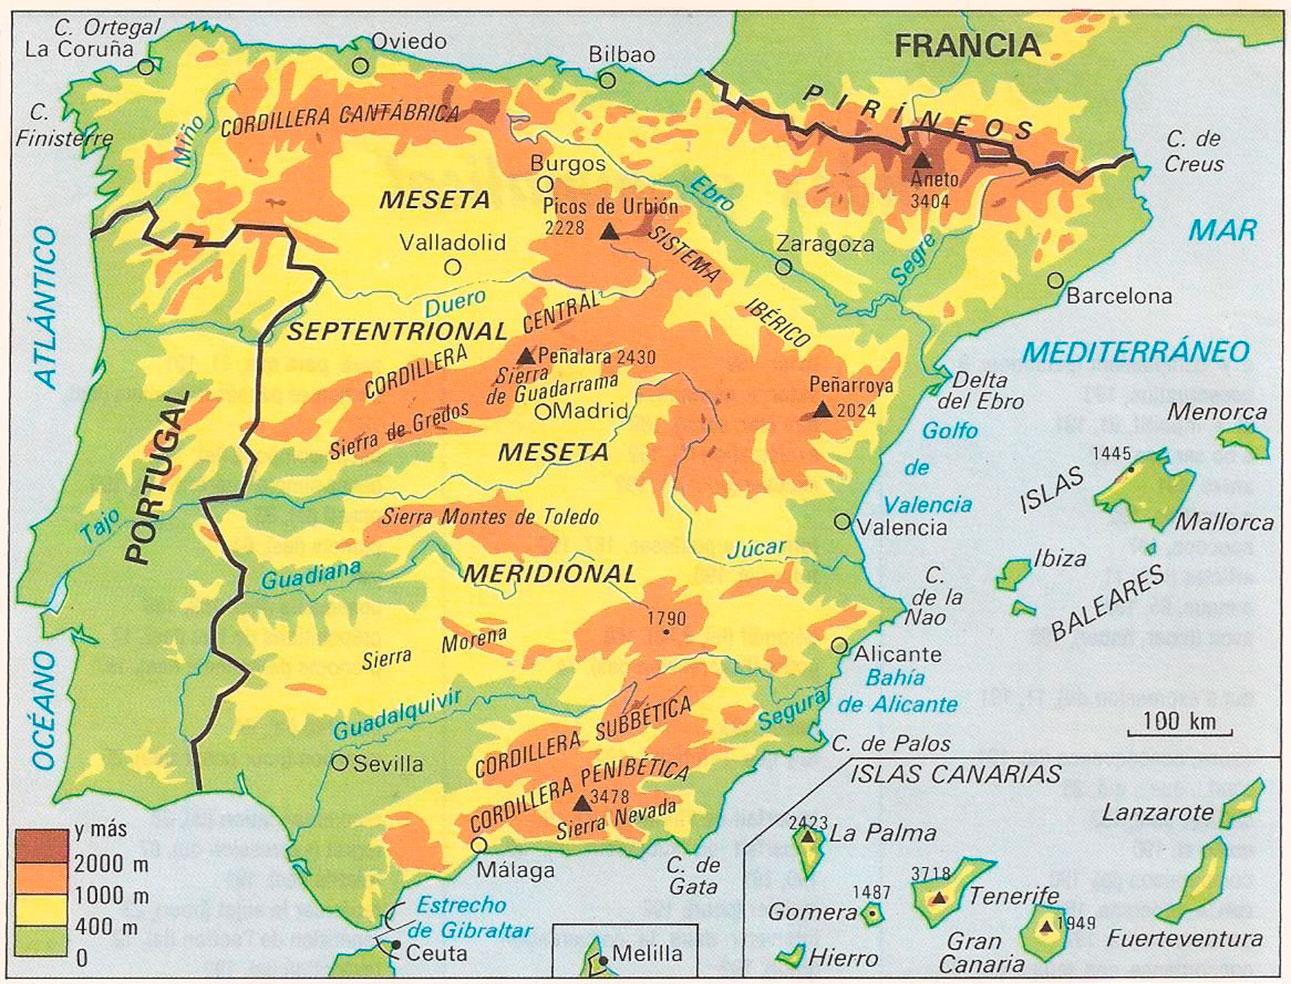 Www Mapa De Espana.Mapas De Espana Mapas Interactivos De Espana